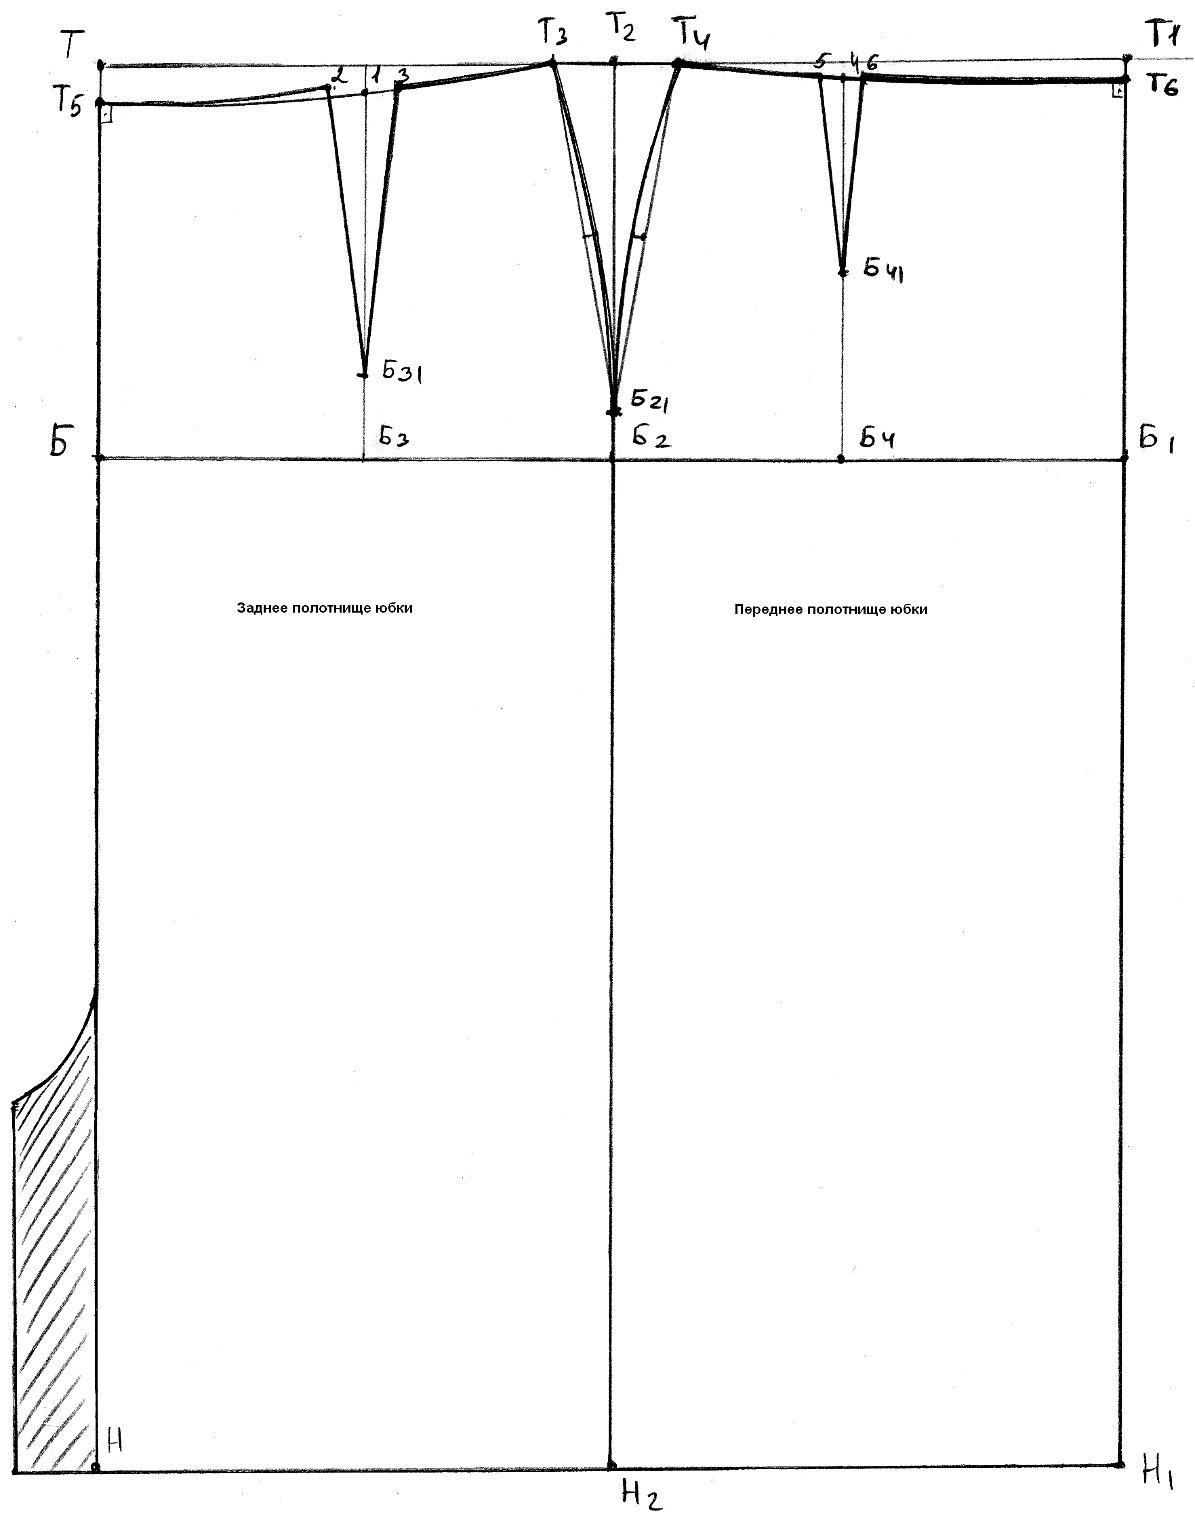 Прямой Юбки 48 Размер